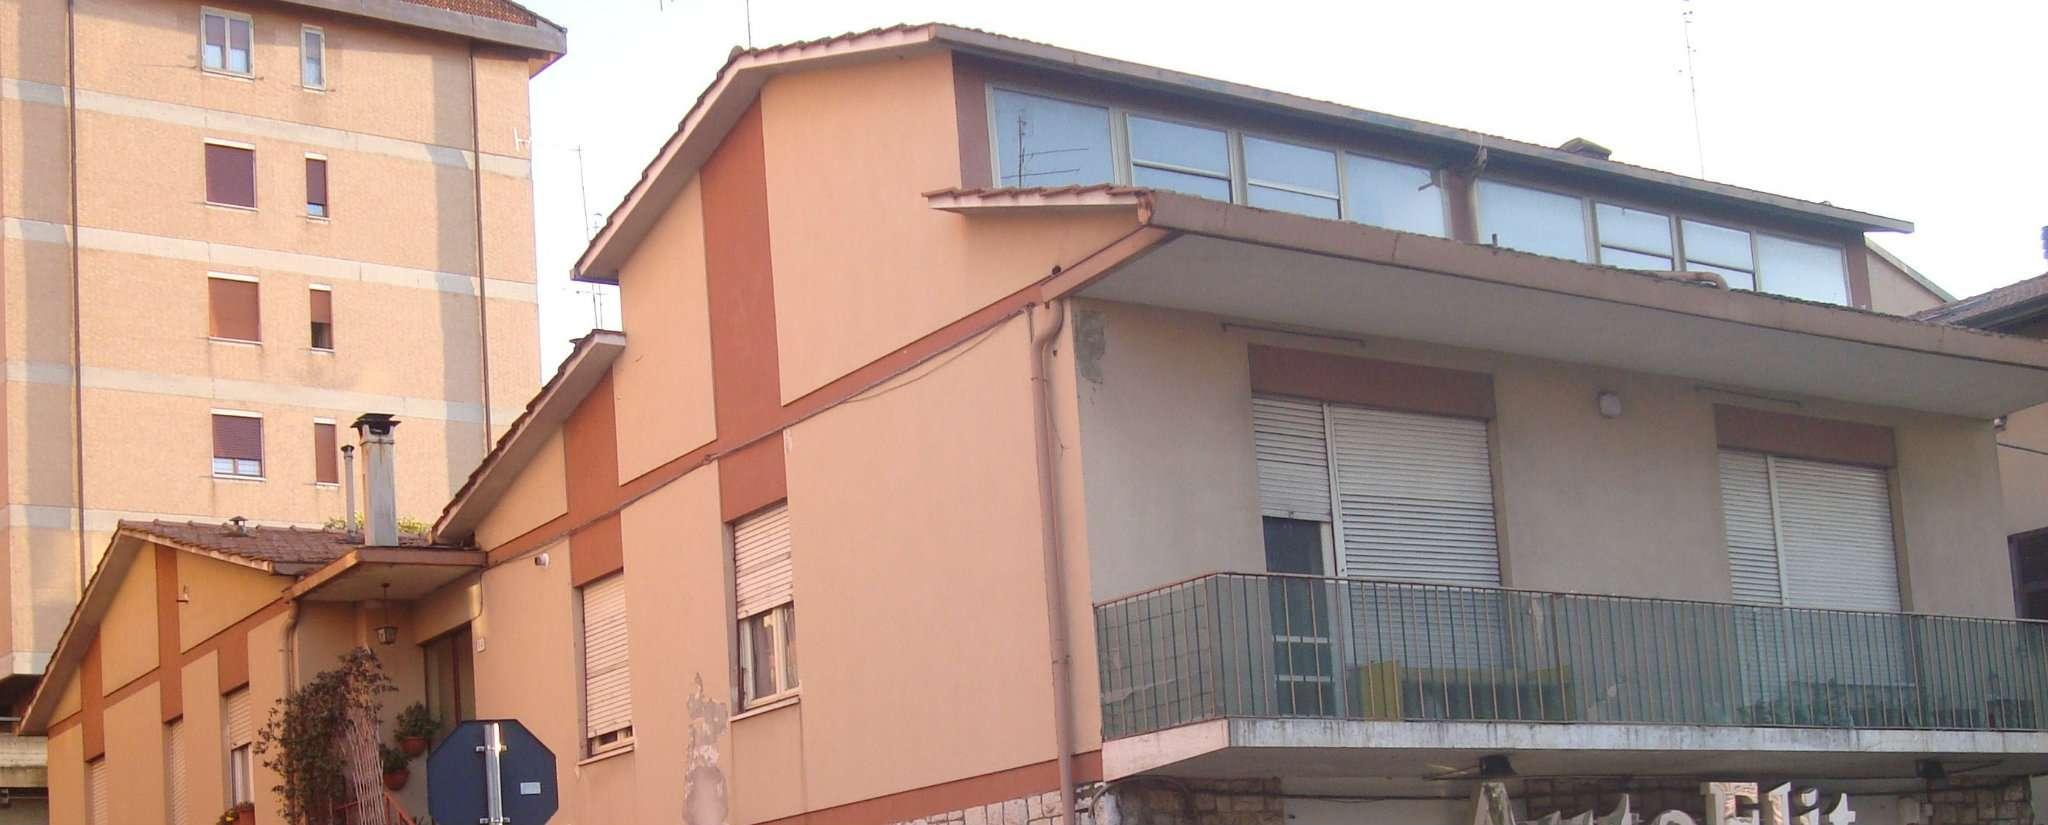 Appartamento in vendita a Perugia, 9 locali, prezzo € 129.000   CambioCasa.it